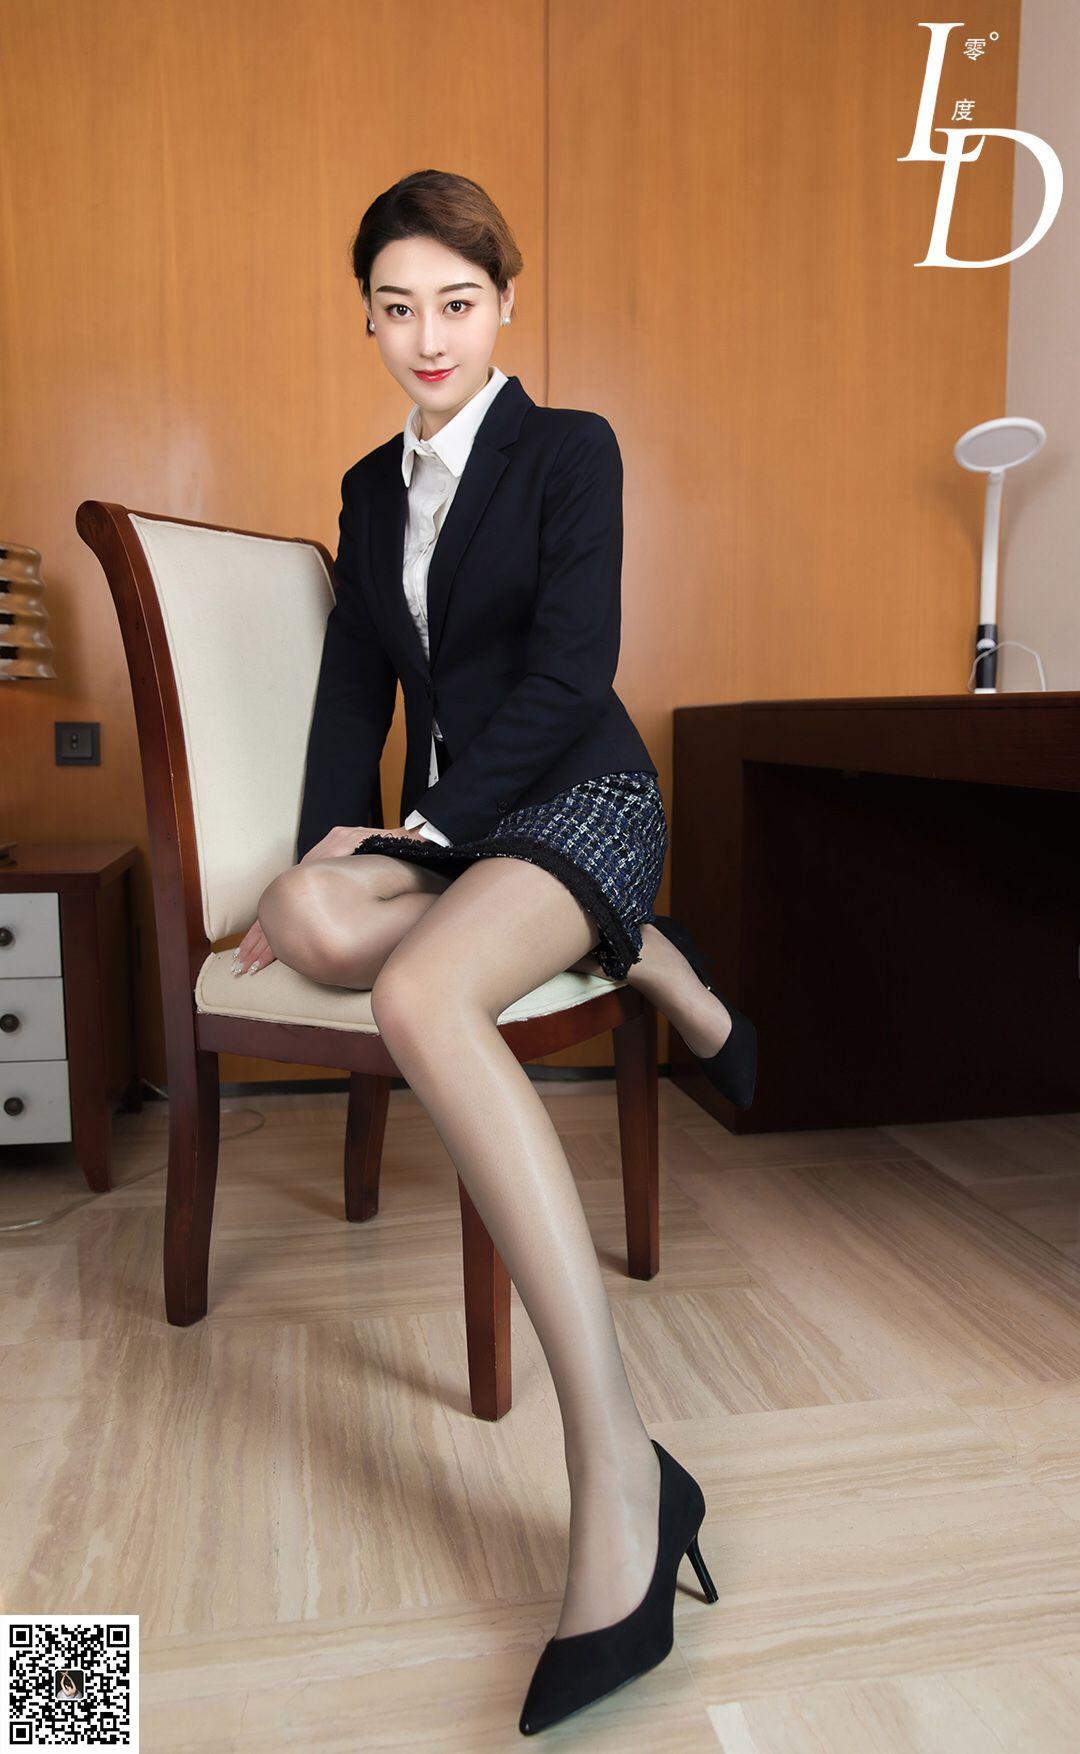 VOL.13 [LD零度]OL美女丝袜制服白领丽人:依婷高品质写真套图(88P)